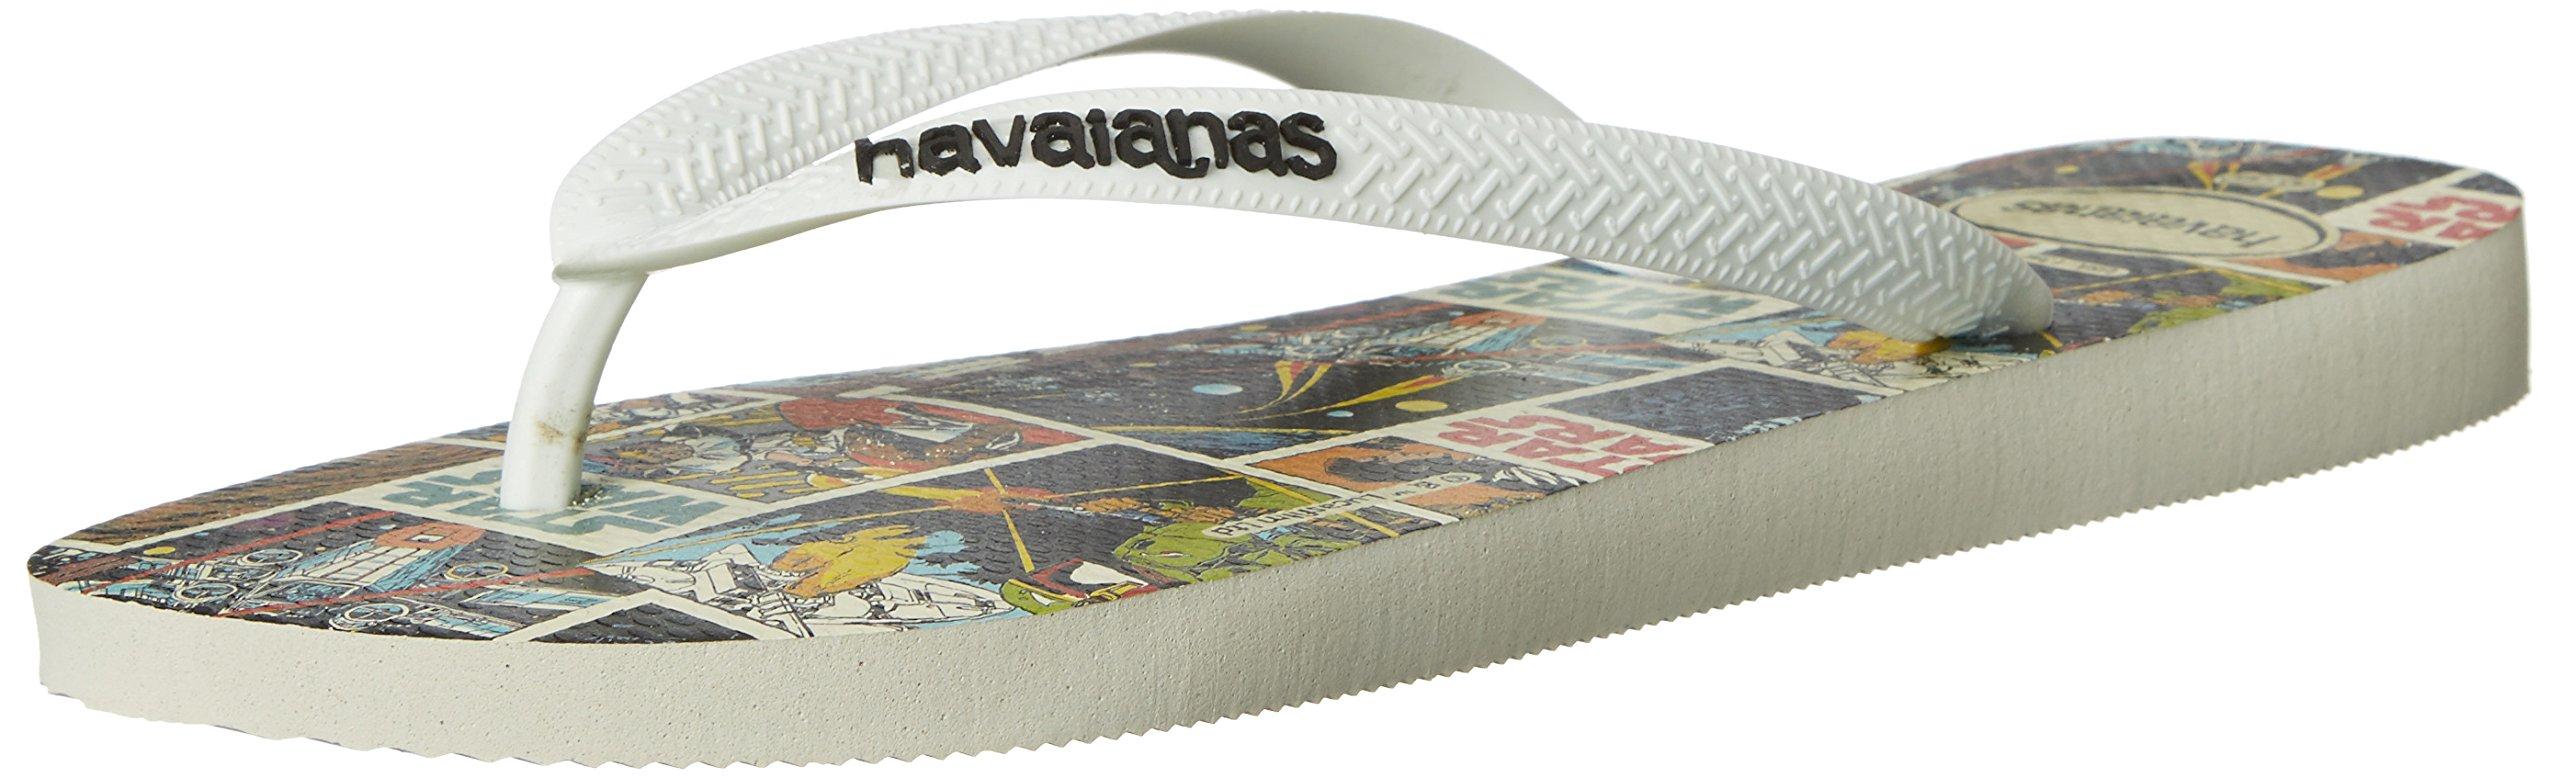 Havaianas Men's Flip Flop Sandals, Star Wars,White,43/44 BR (11/12 M US)